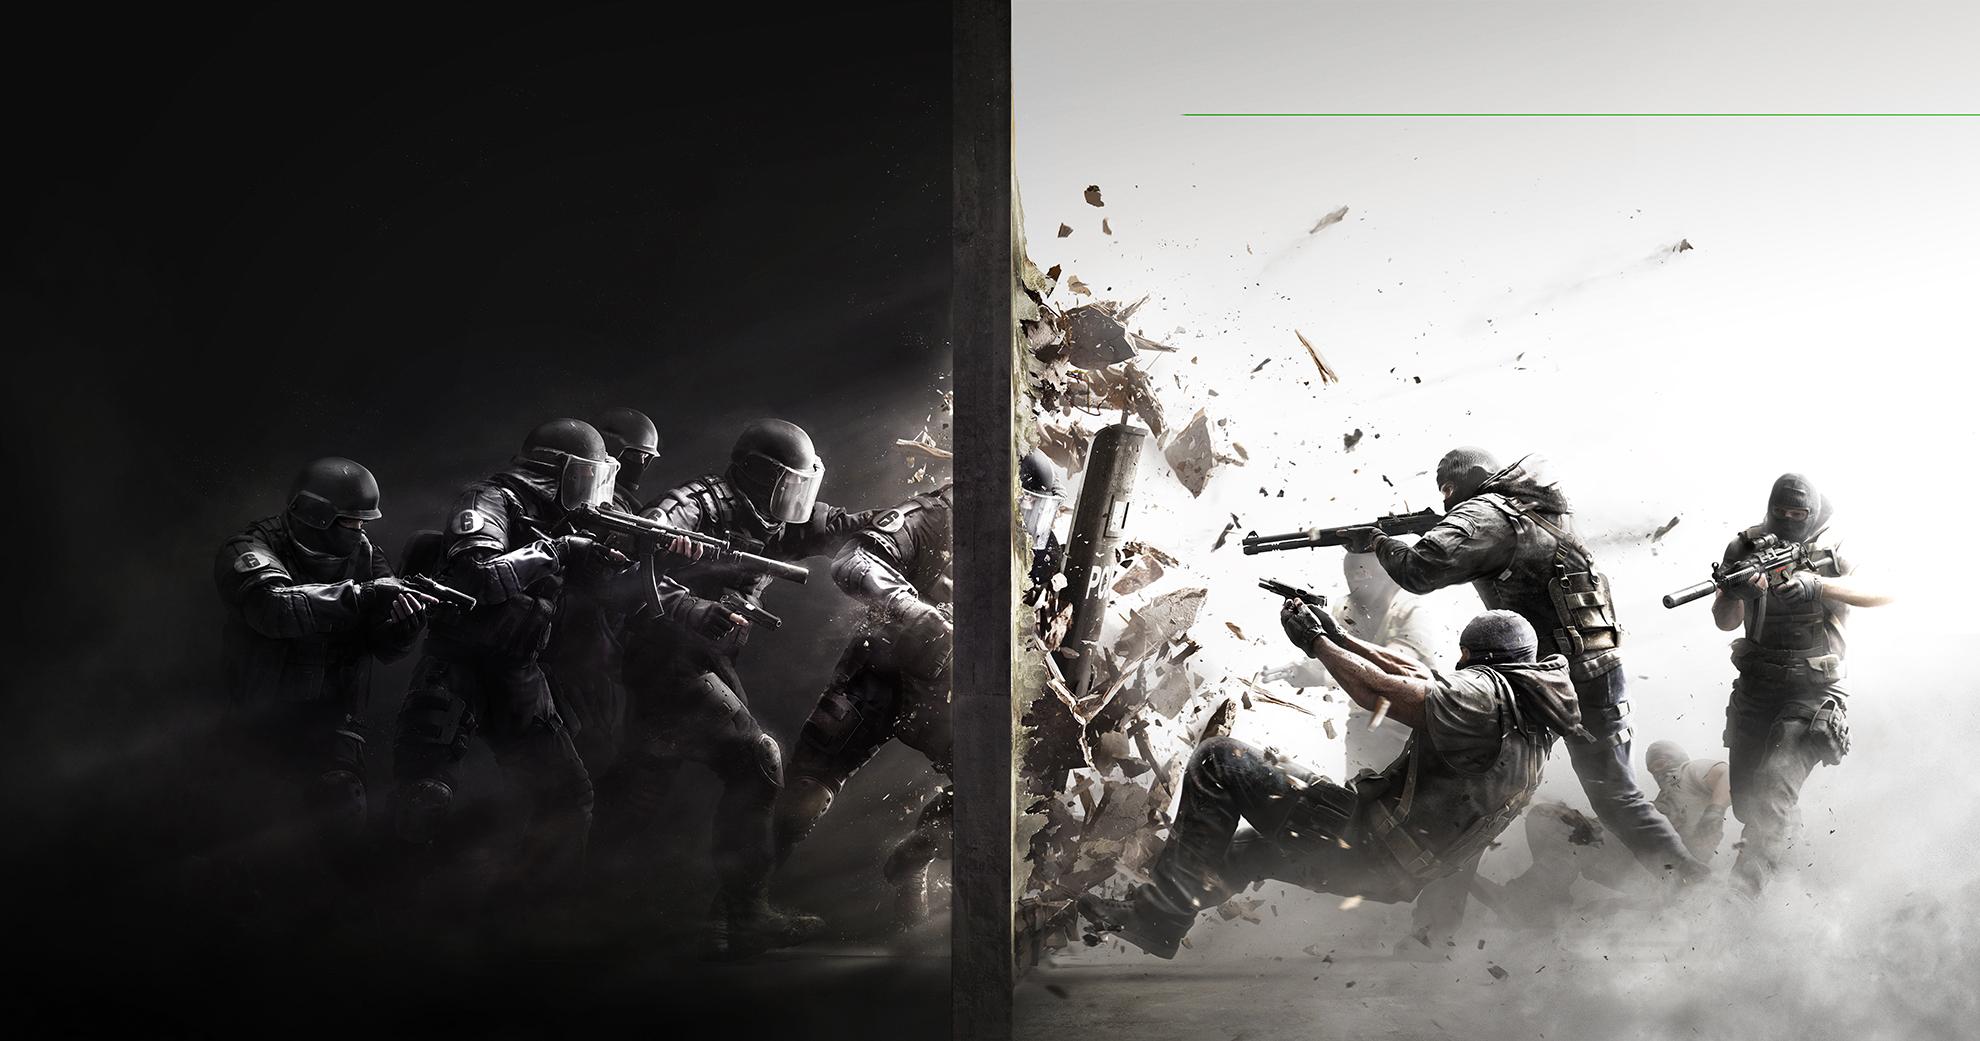 V asymetrické týmové deskovce Rainbow Six Siege boříte zdi a ničíte nábytek